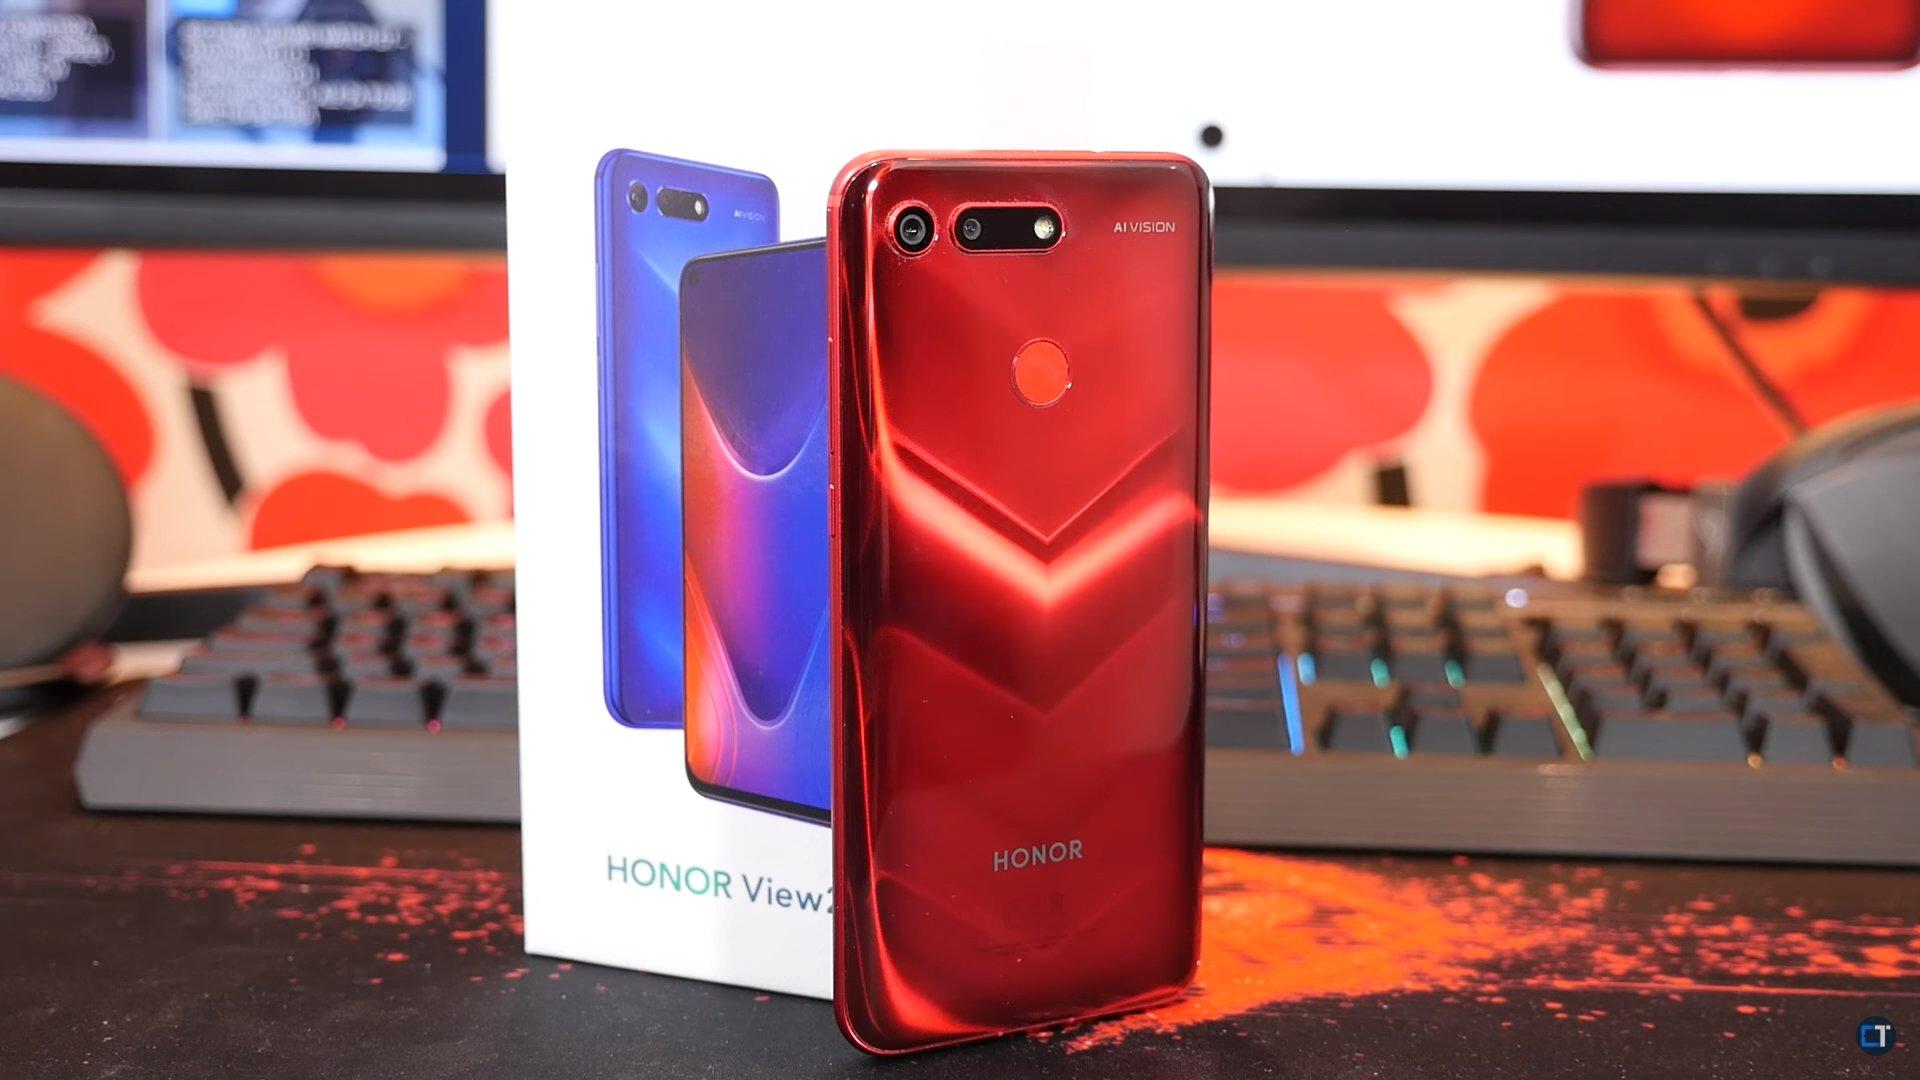 Honor sprzedał już 1,5 mln sztuk View 20. Teraz udostępni mu istotną aktualizację Honor Gaming+